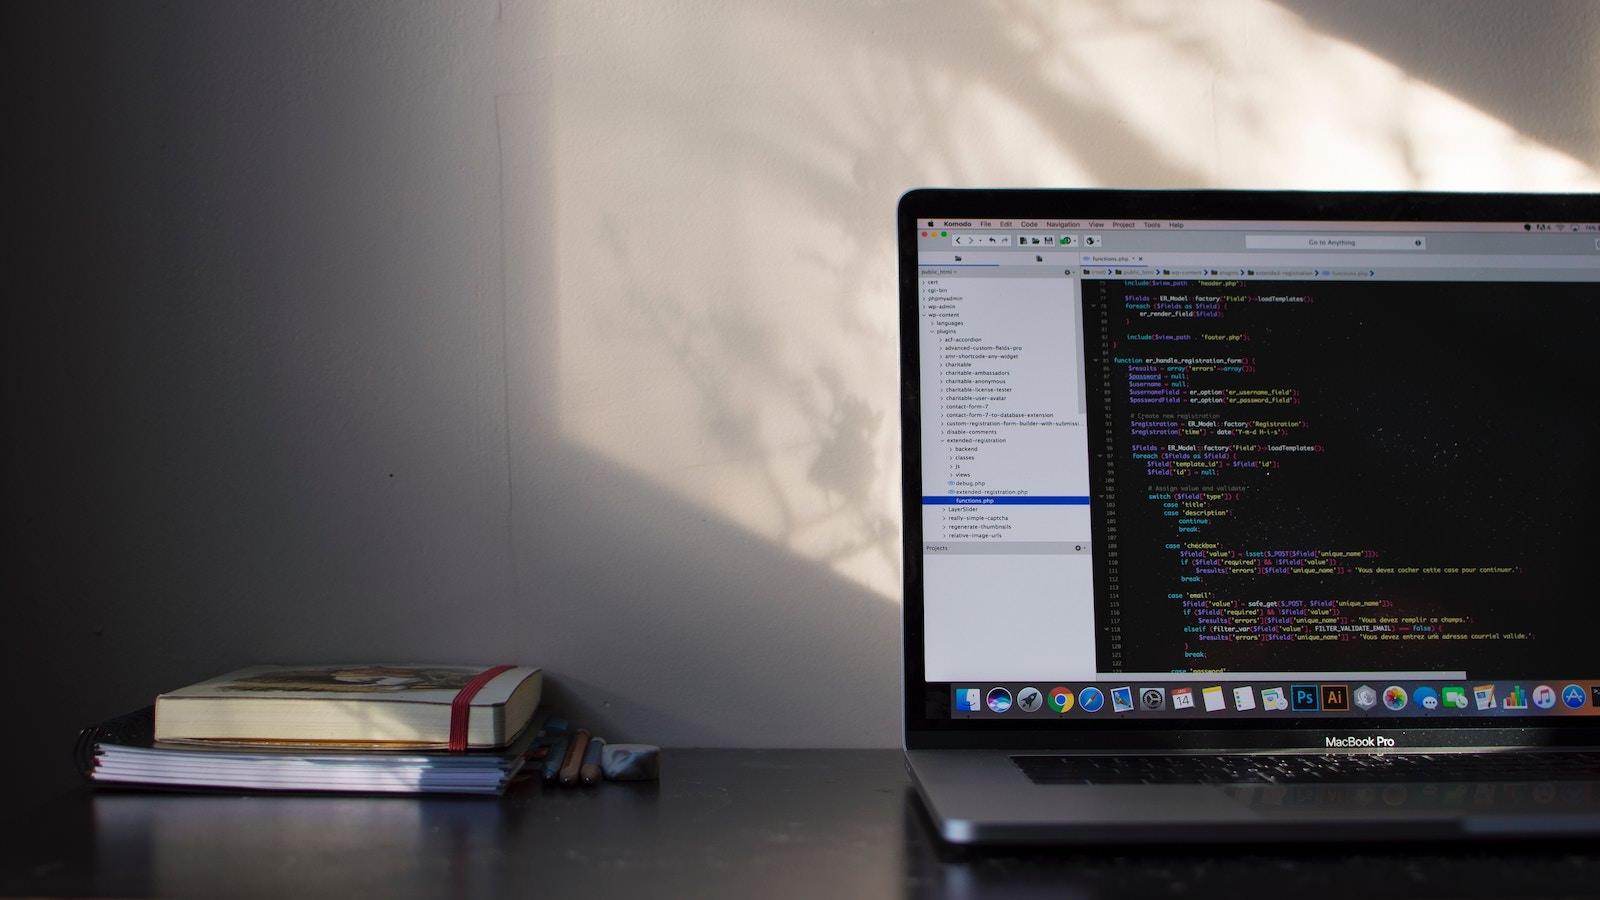 Emile perron xrVDYZRGdw4 unsplash macbook pro coding